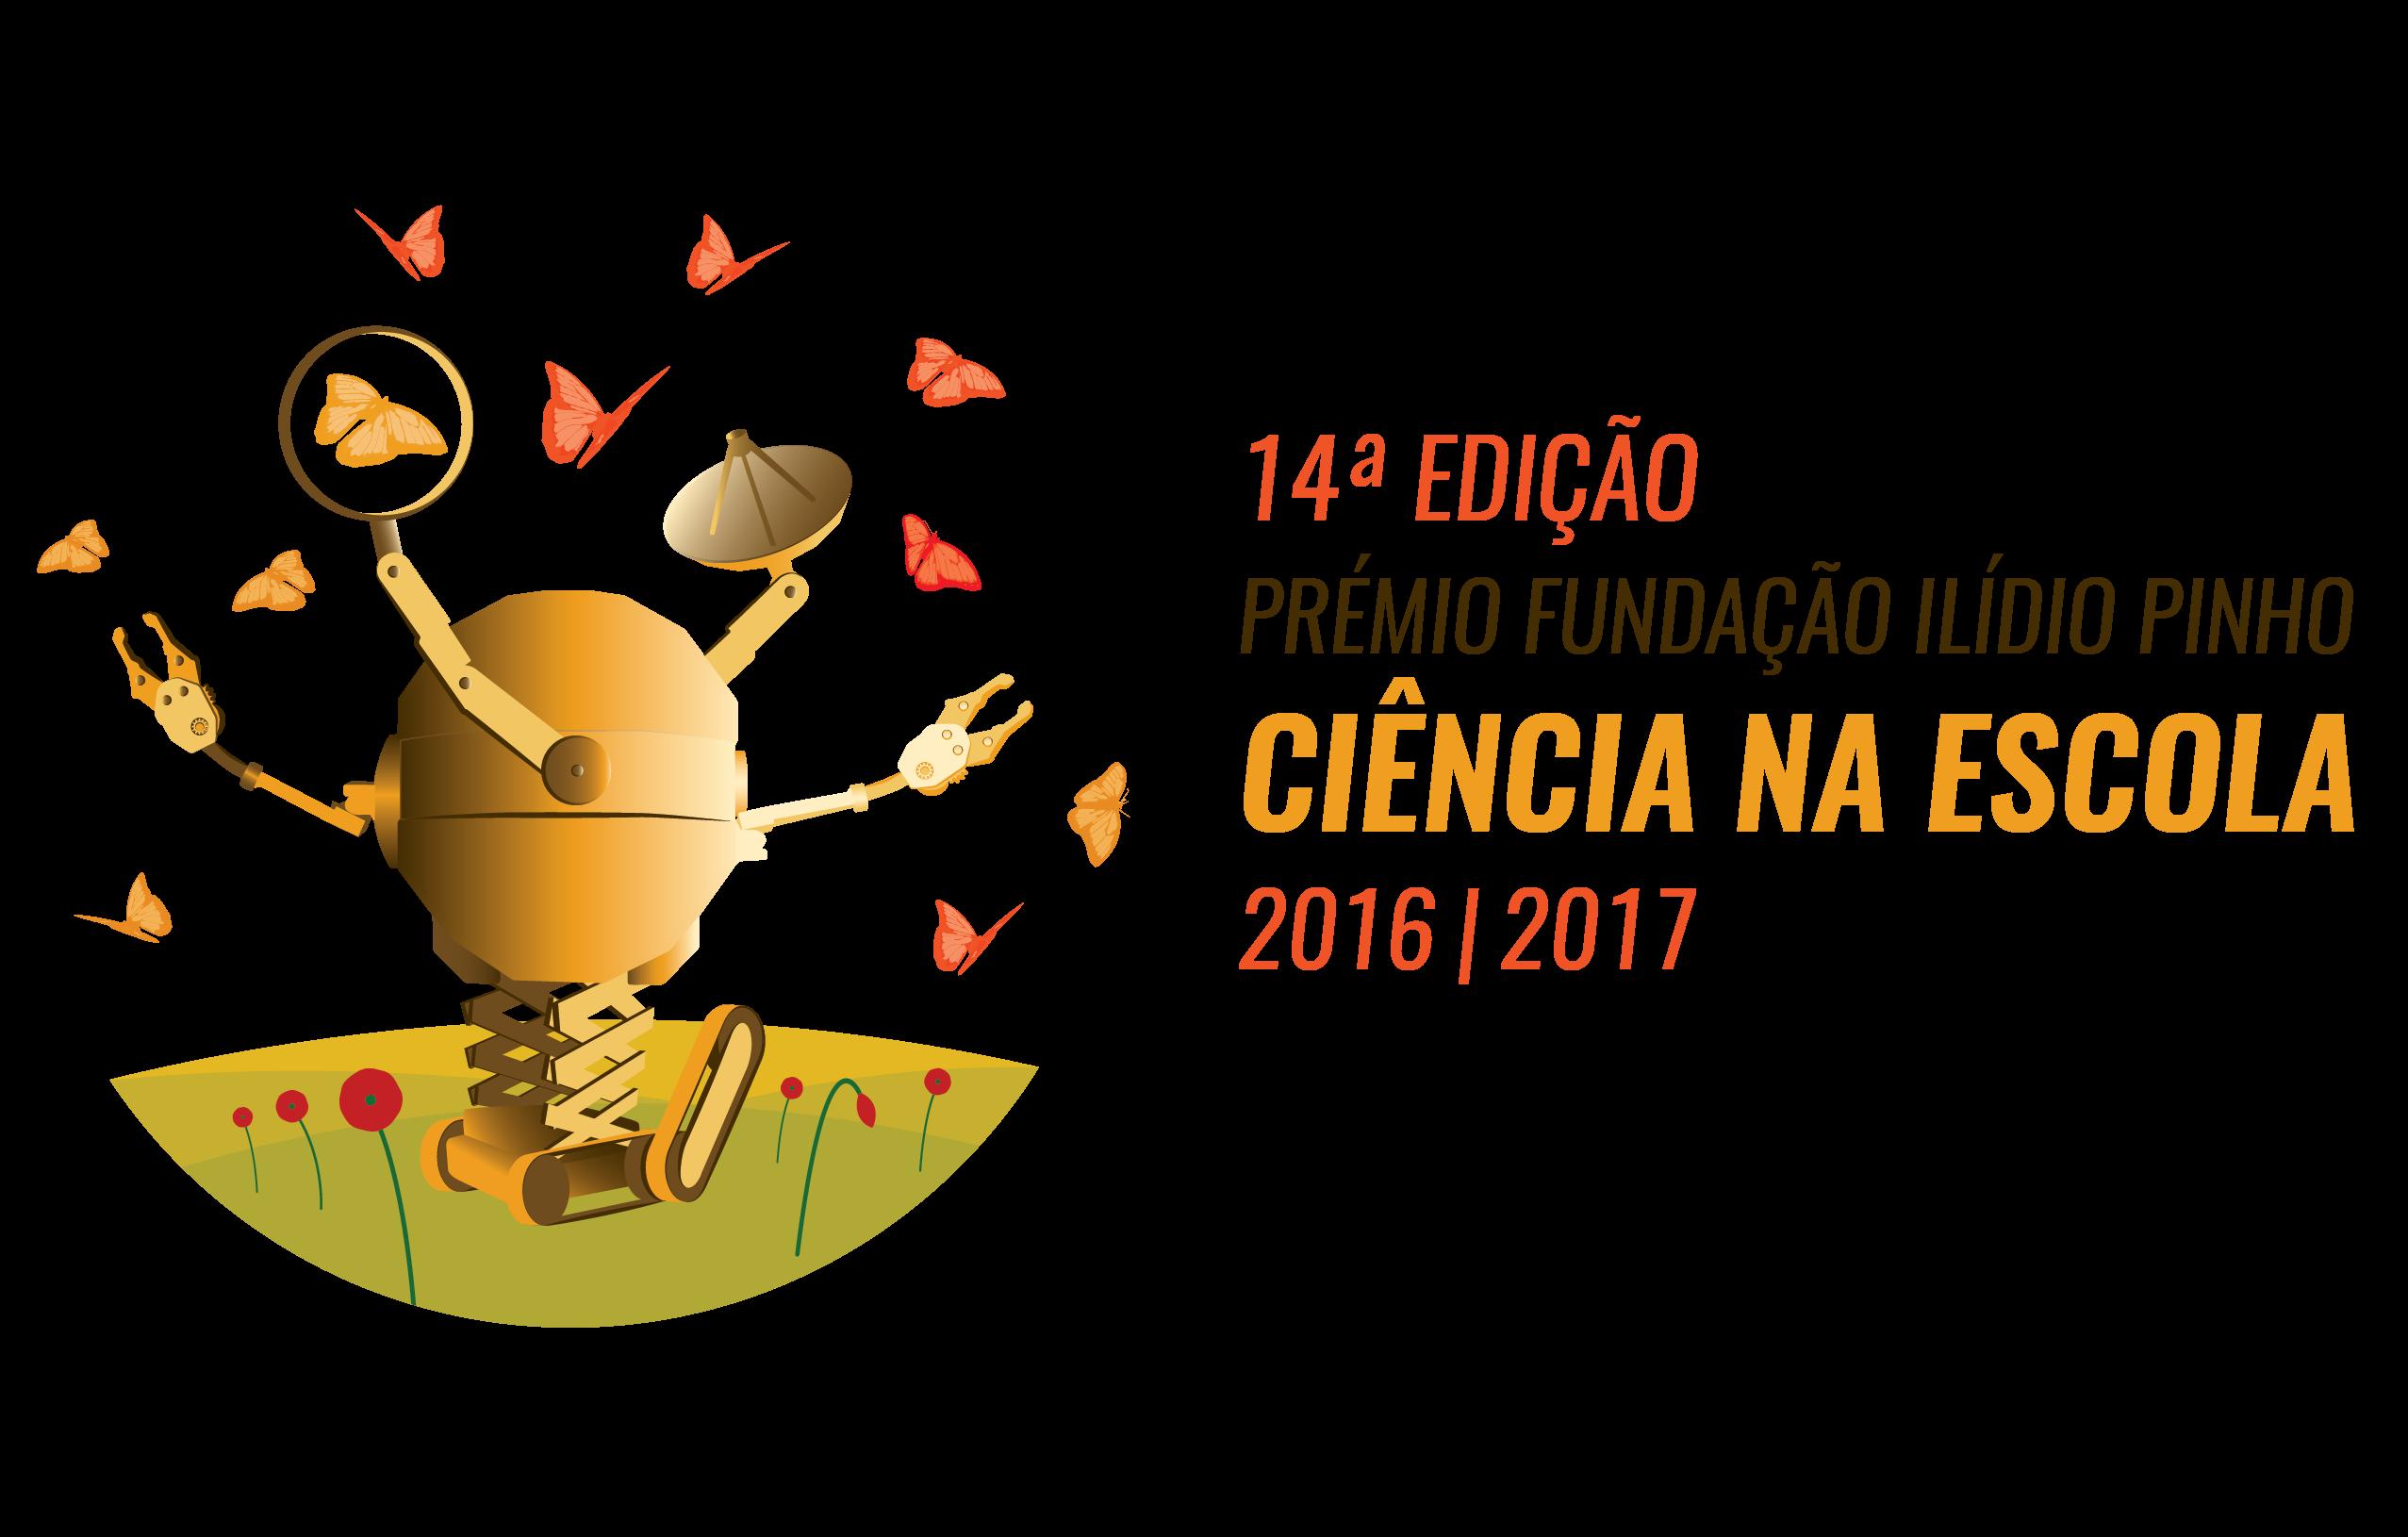 PremioFIPCienciaEscola1617